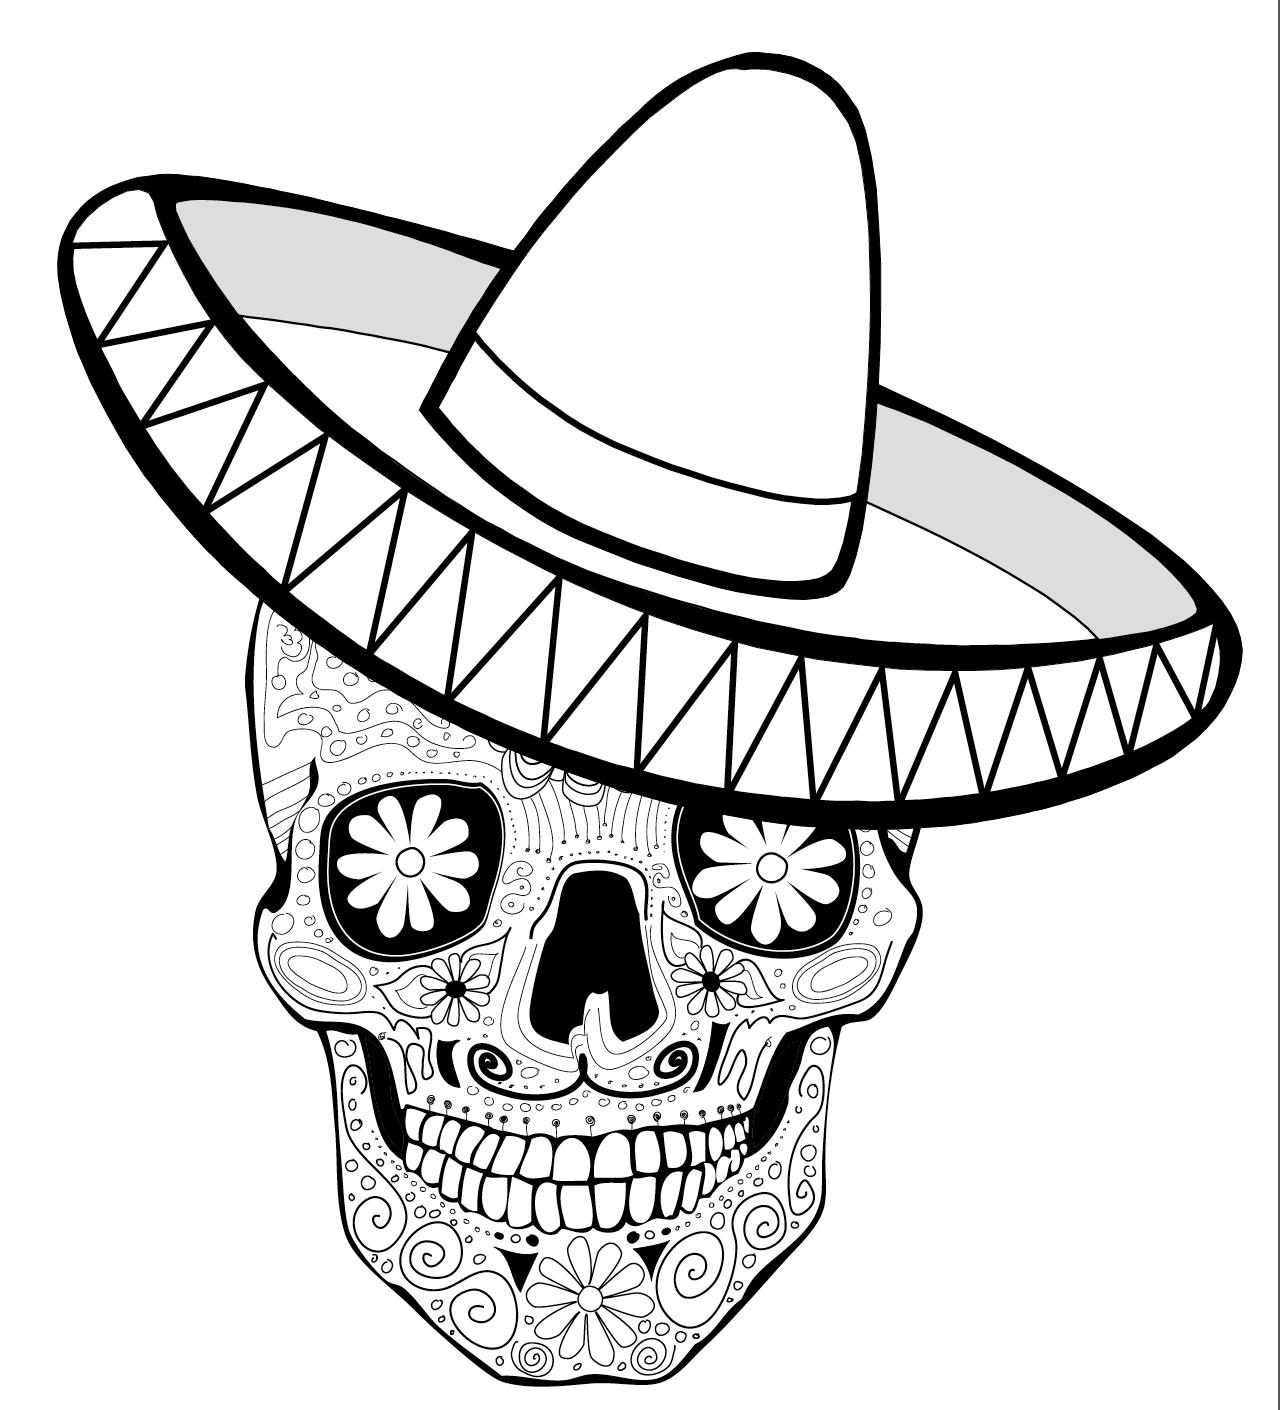 Coloring page d a de los muertos calaca with sombrero Coloring book 3 hat